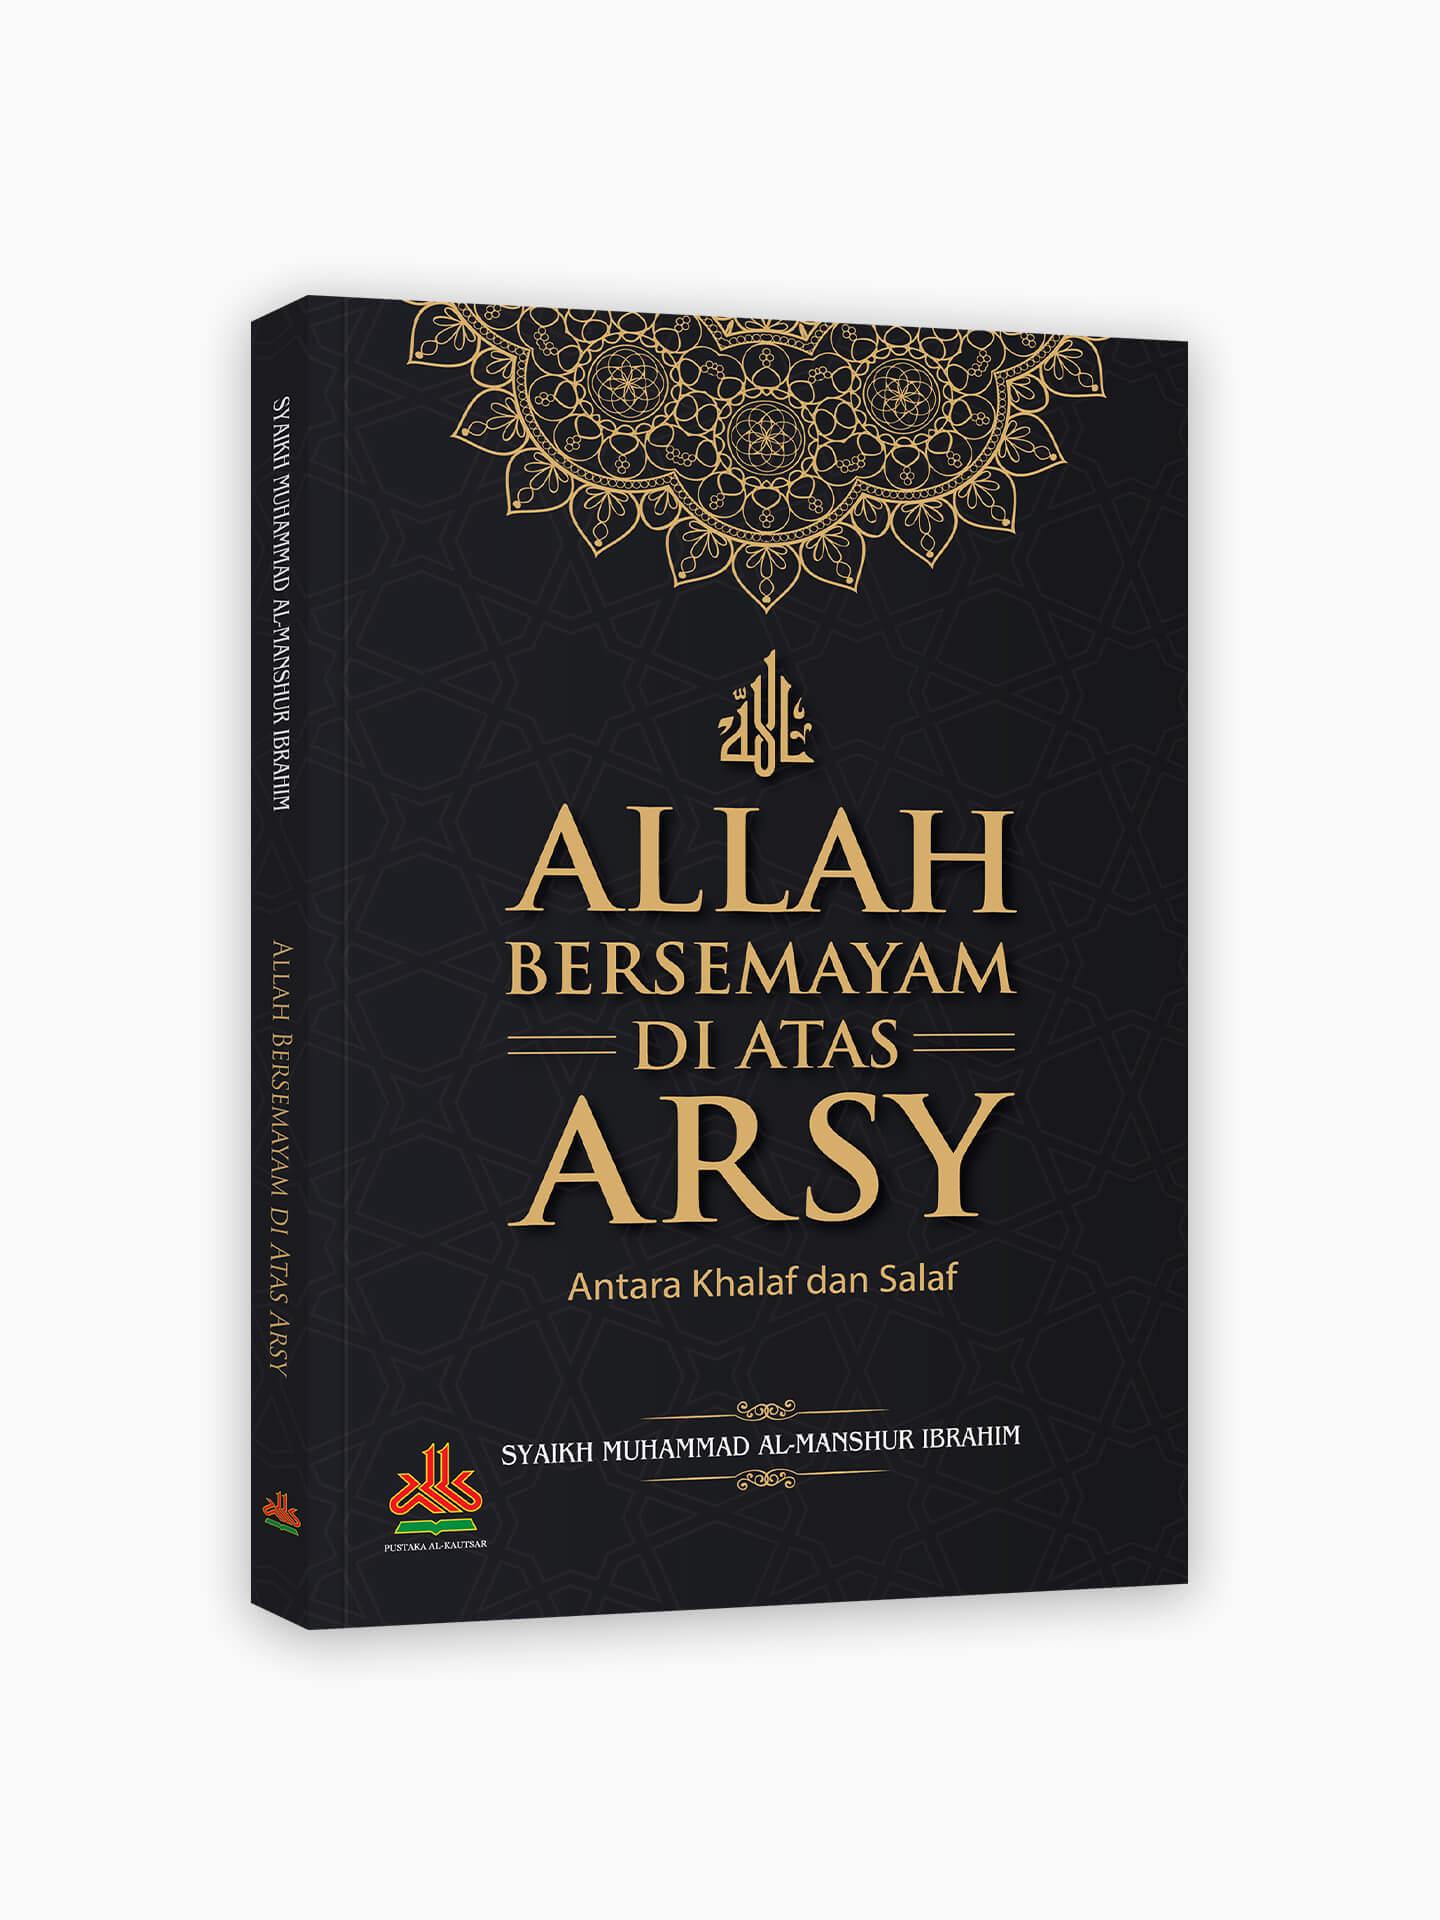 Allah Bersemayam di Atas Arsy : Antara Khalaf dan Salaf